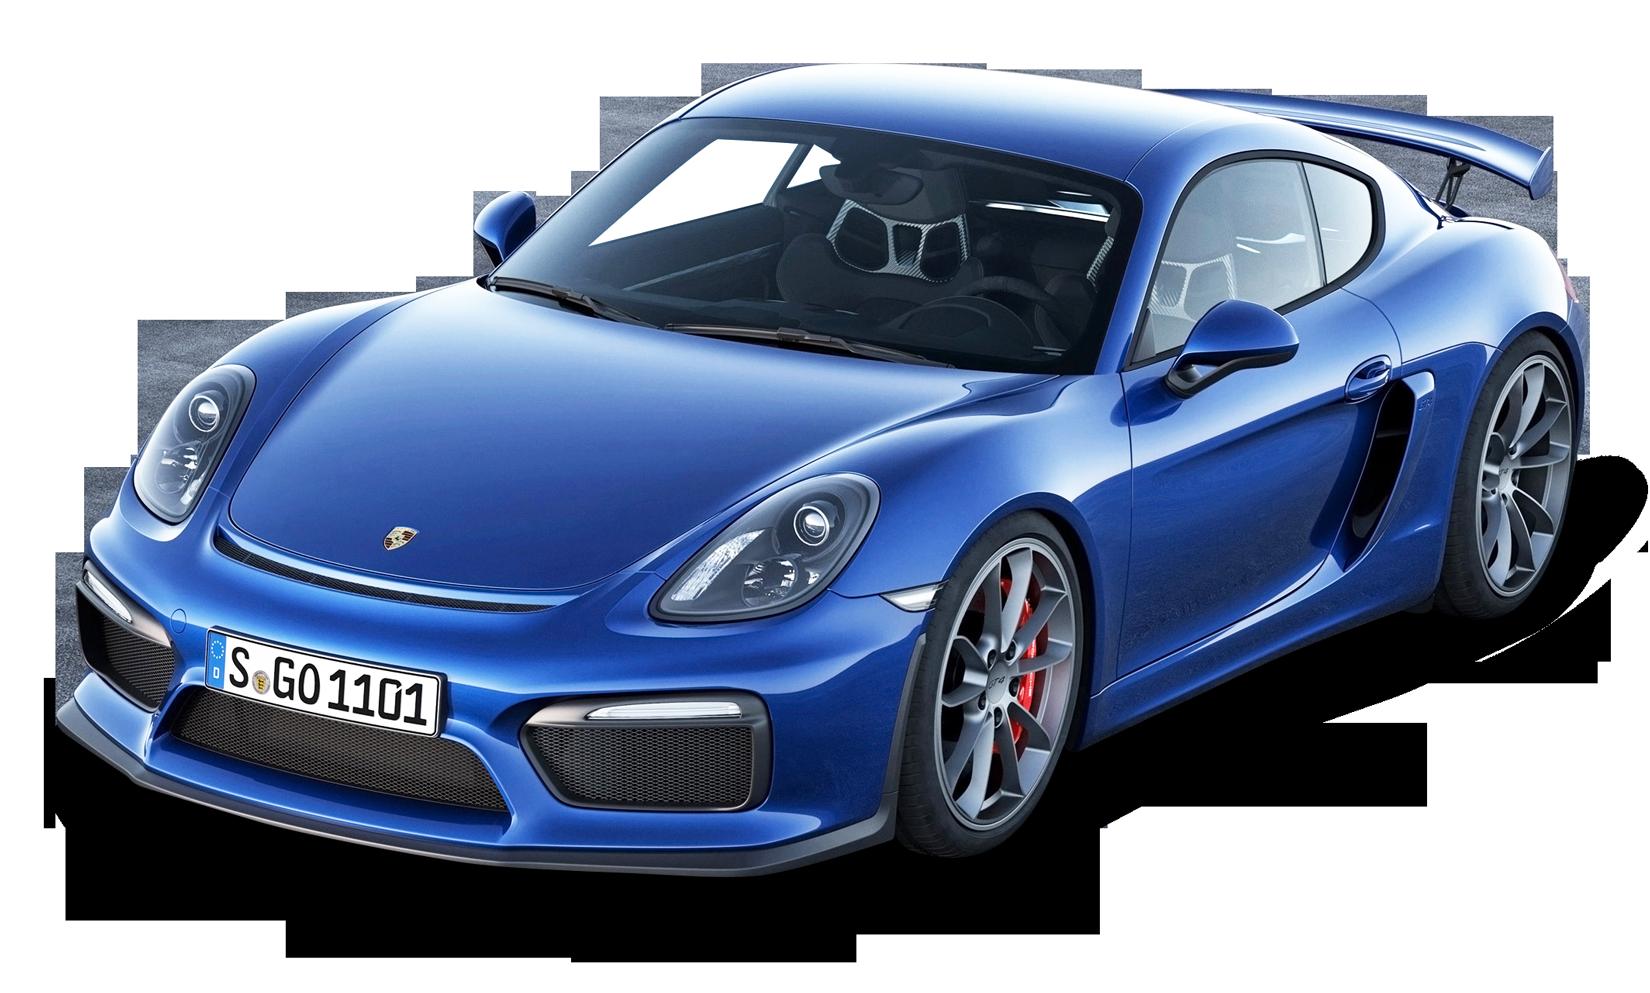 Blue Porsche Cayman GT4 Car PNG Image